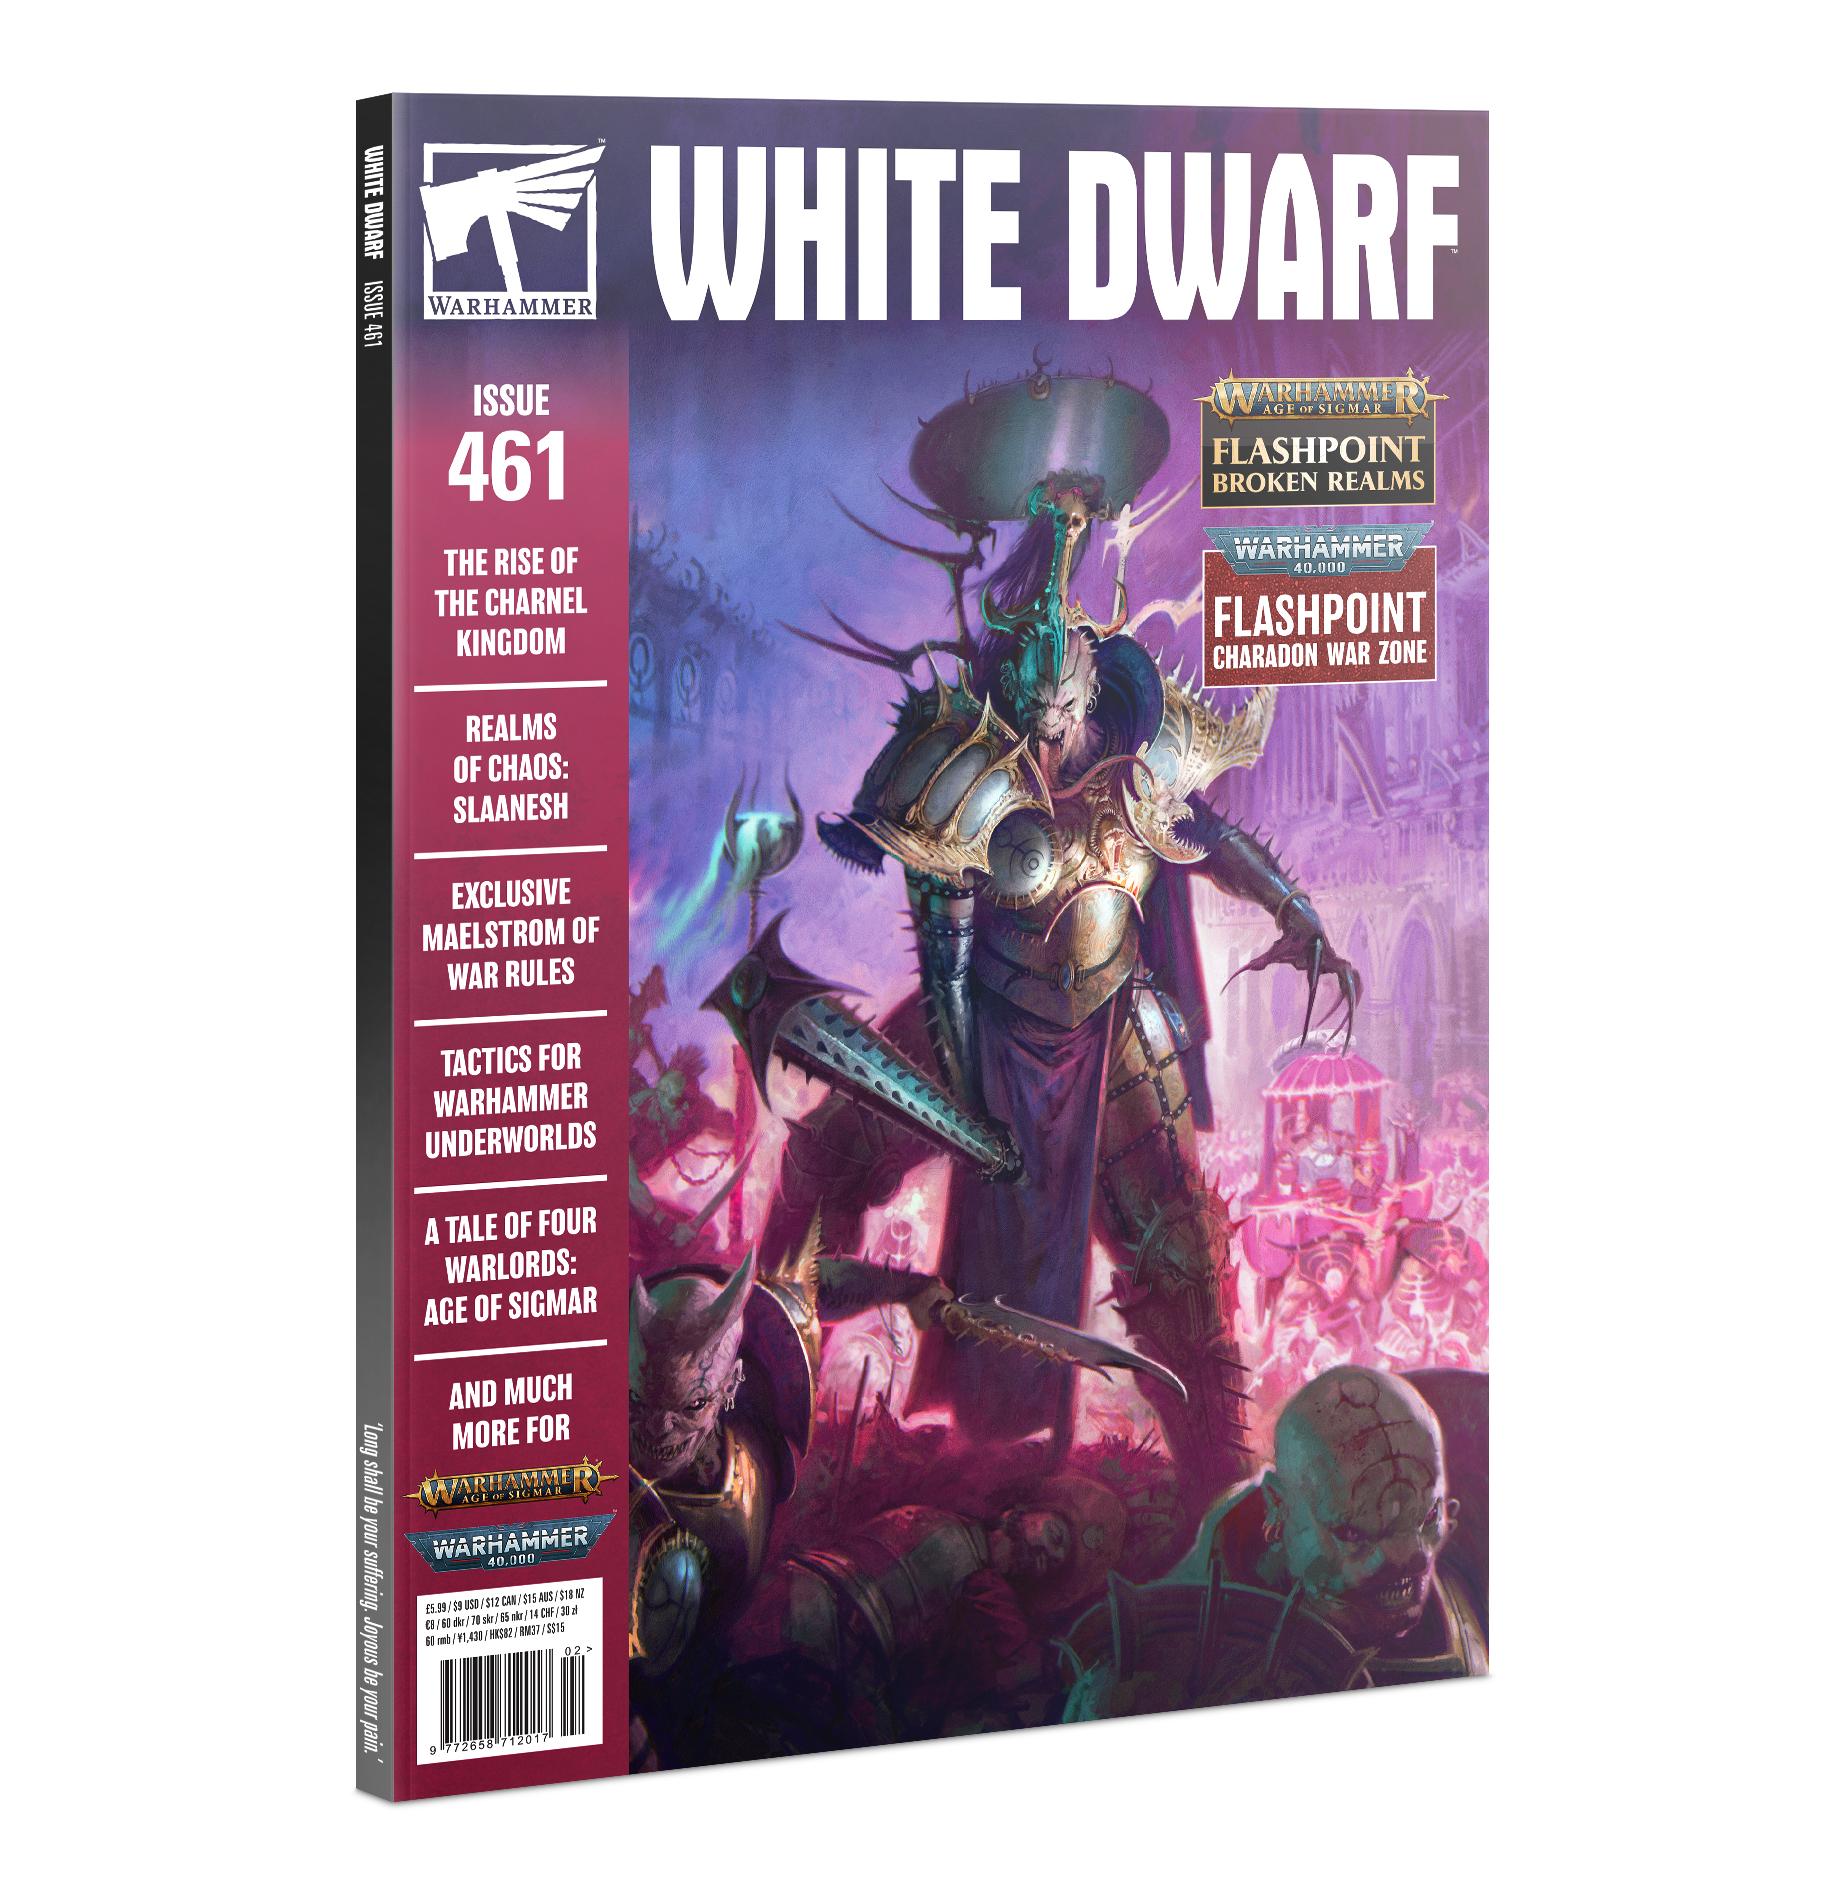 White Dwarf 461